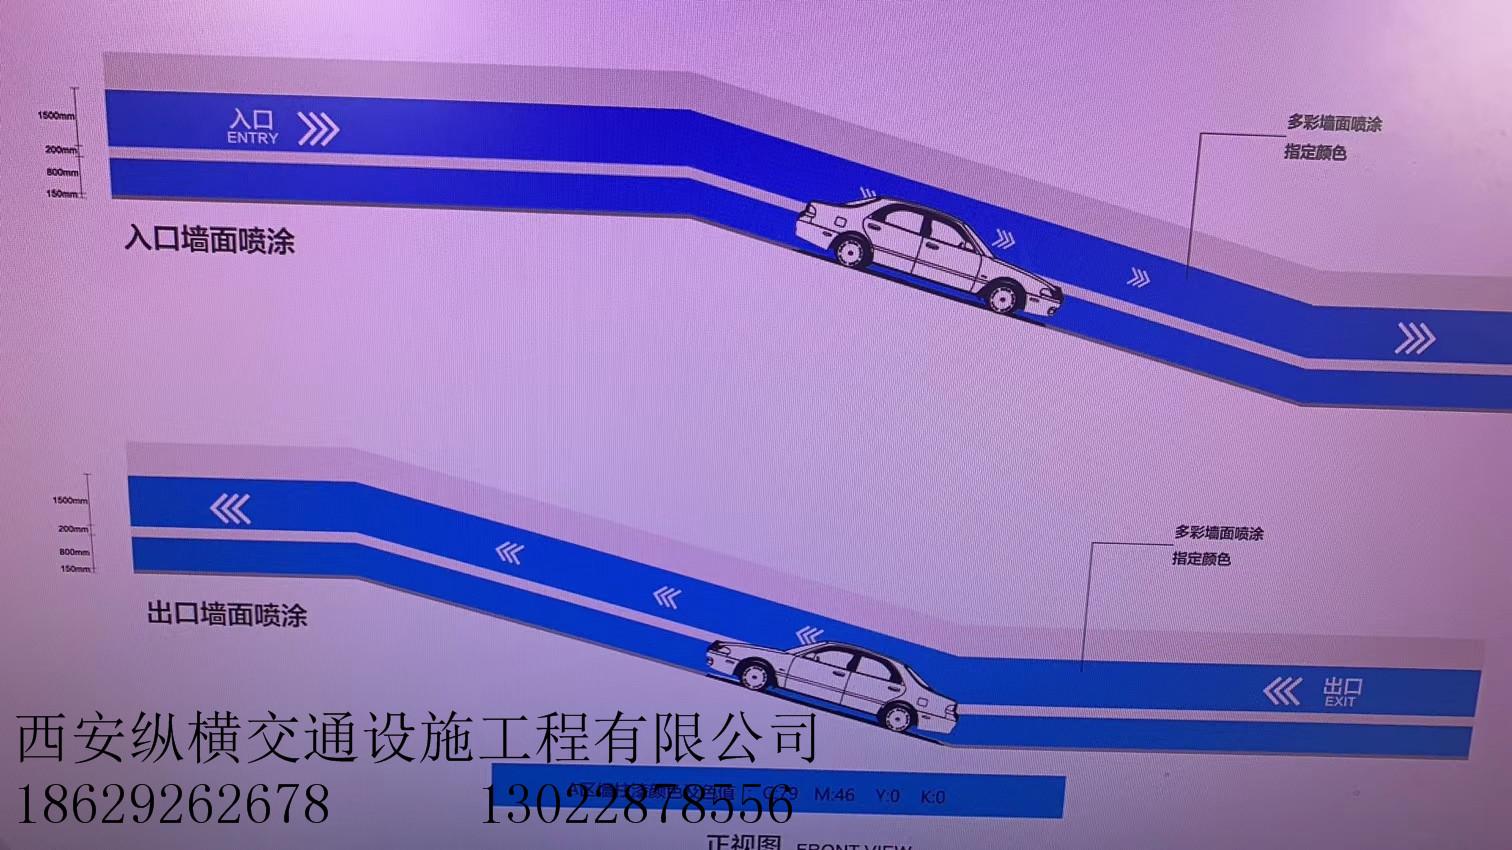 高端住宅办公楼地下车库平面设计图 高端小区地下停车场设计优化